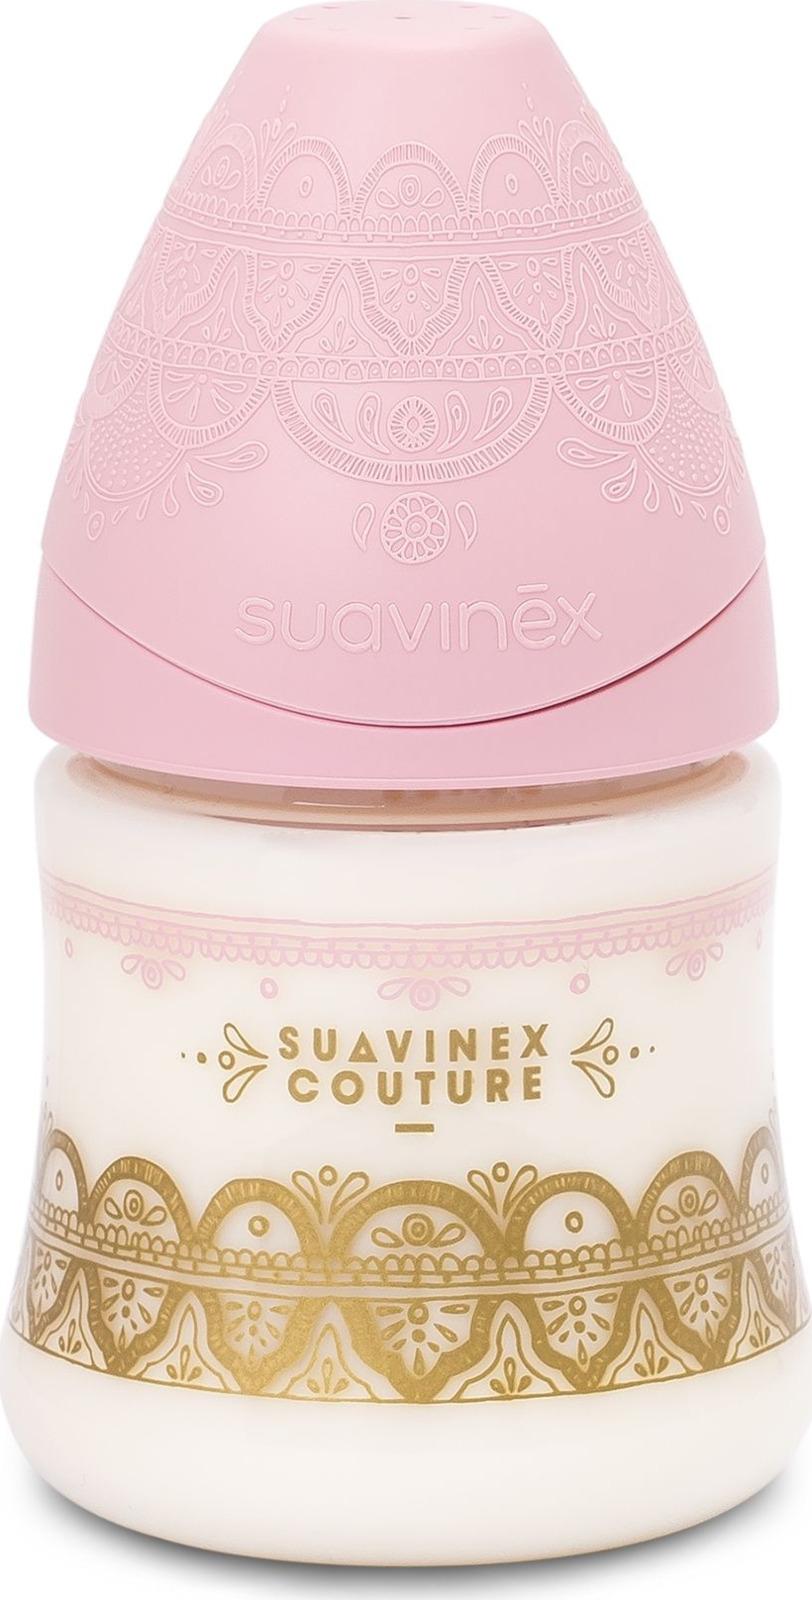 Бутылочка для кормления Suavinex Haute Couture, от 0 месяцев, с силиконовой круглой соской, 3162101, розовый, 150 мл цена